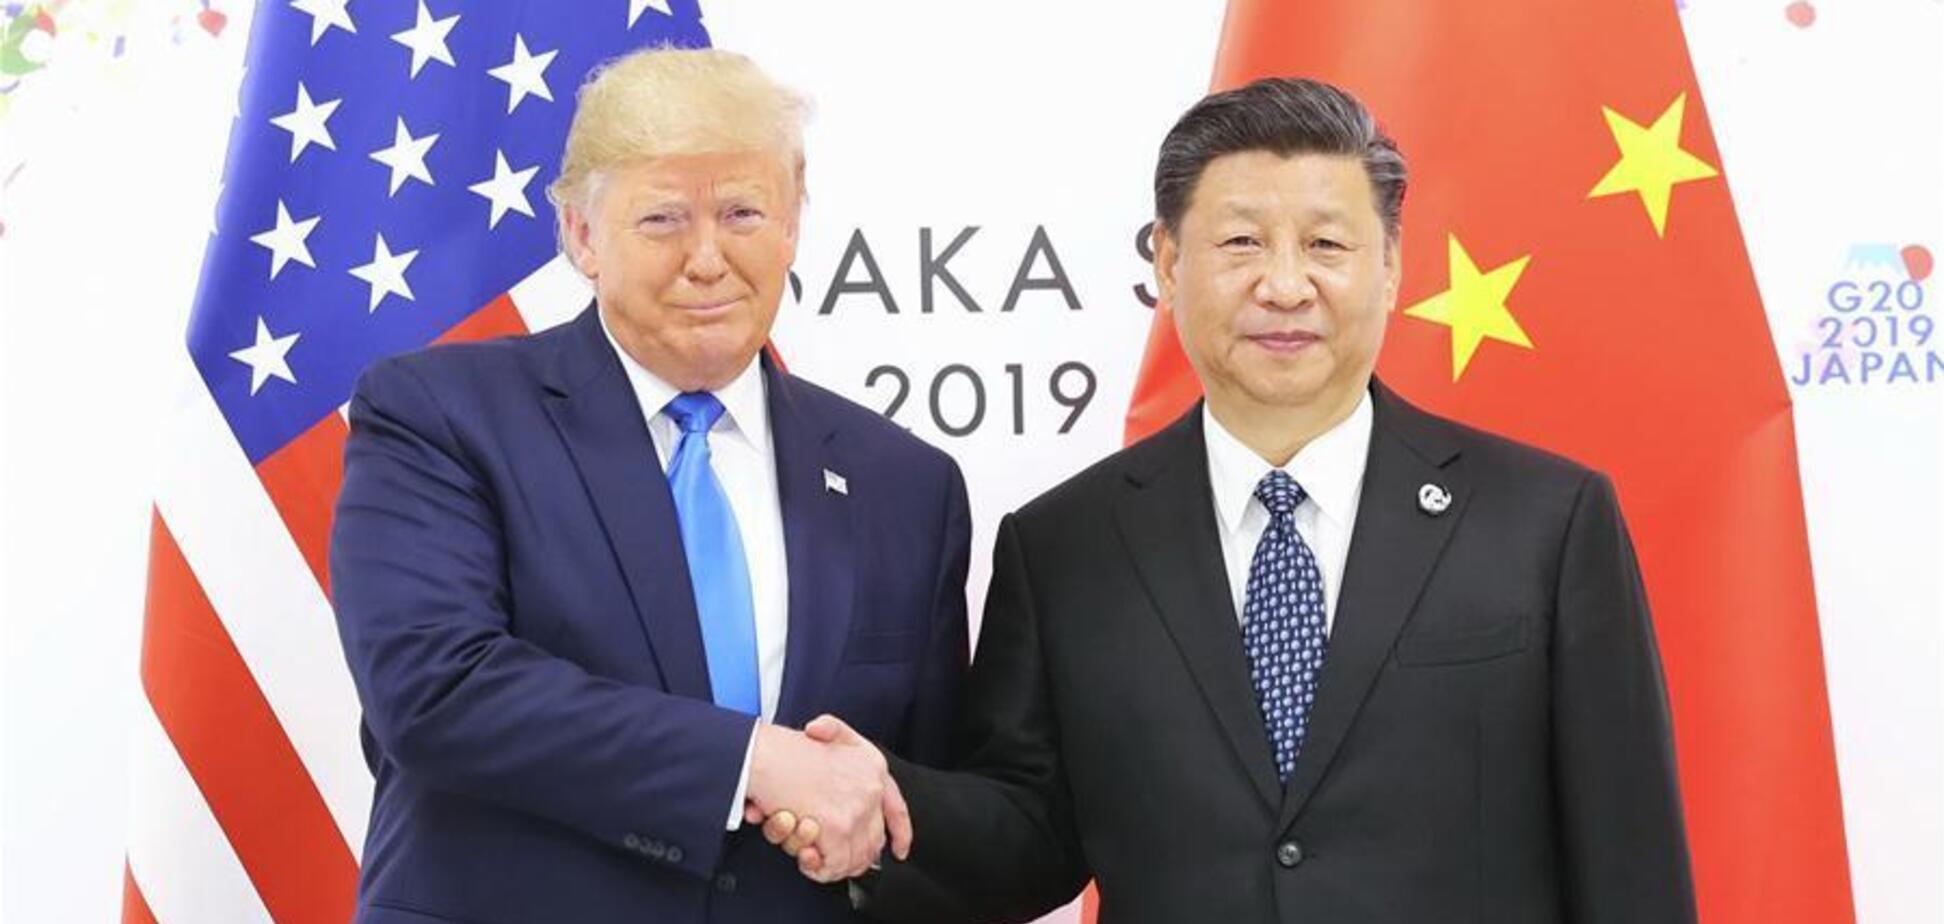 'Це увійде в історію': Трамп раптово помирився з другом Путіна на саміті G20